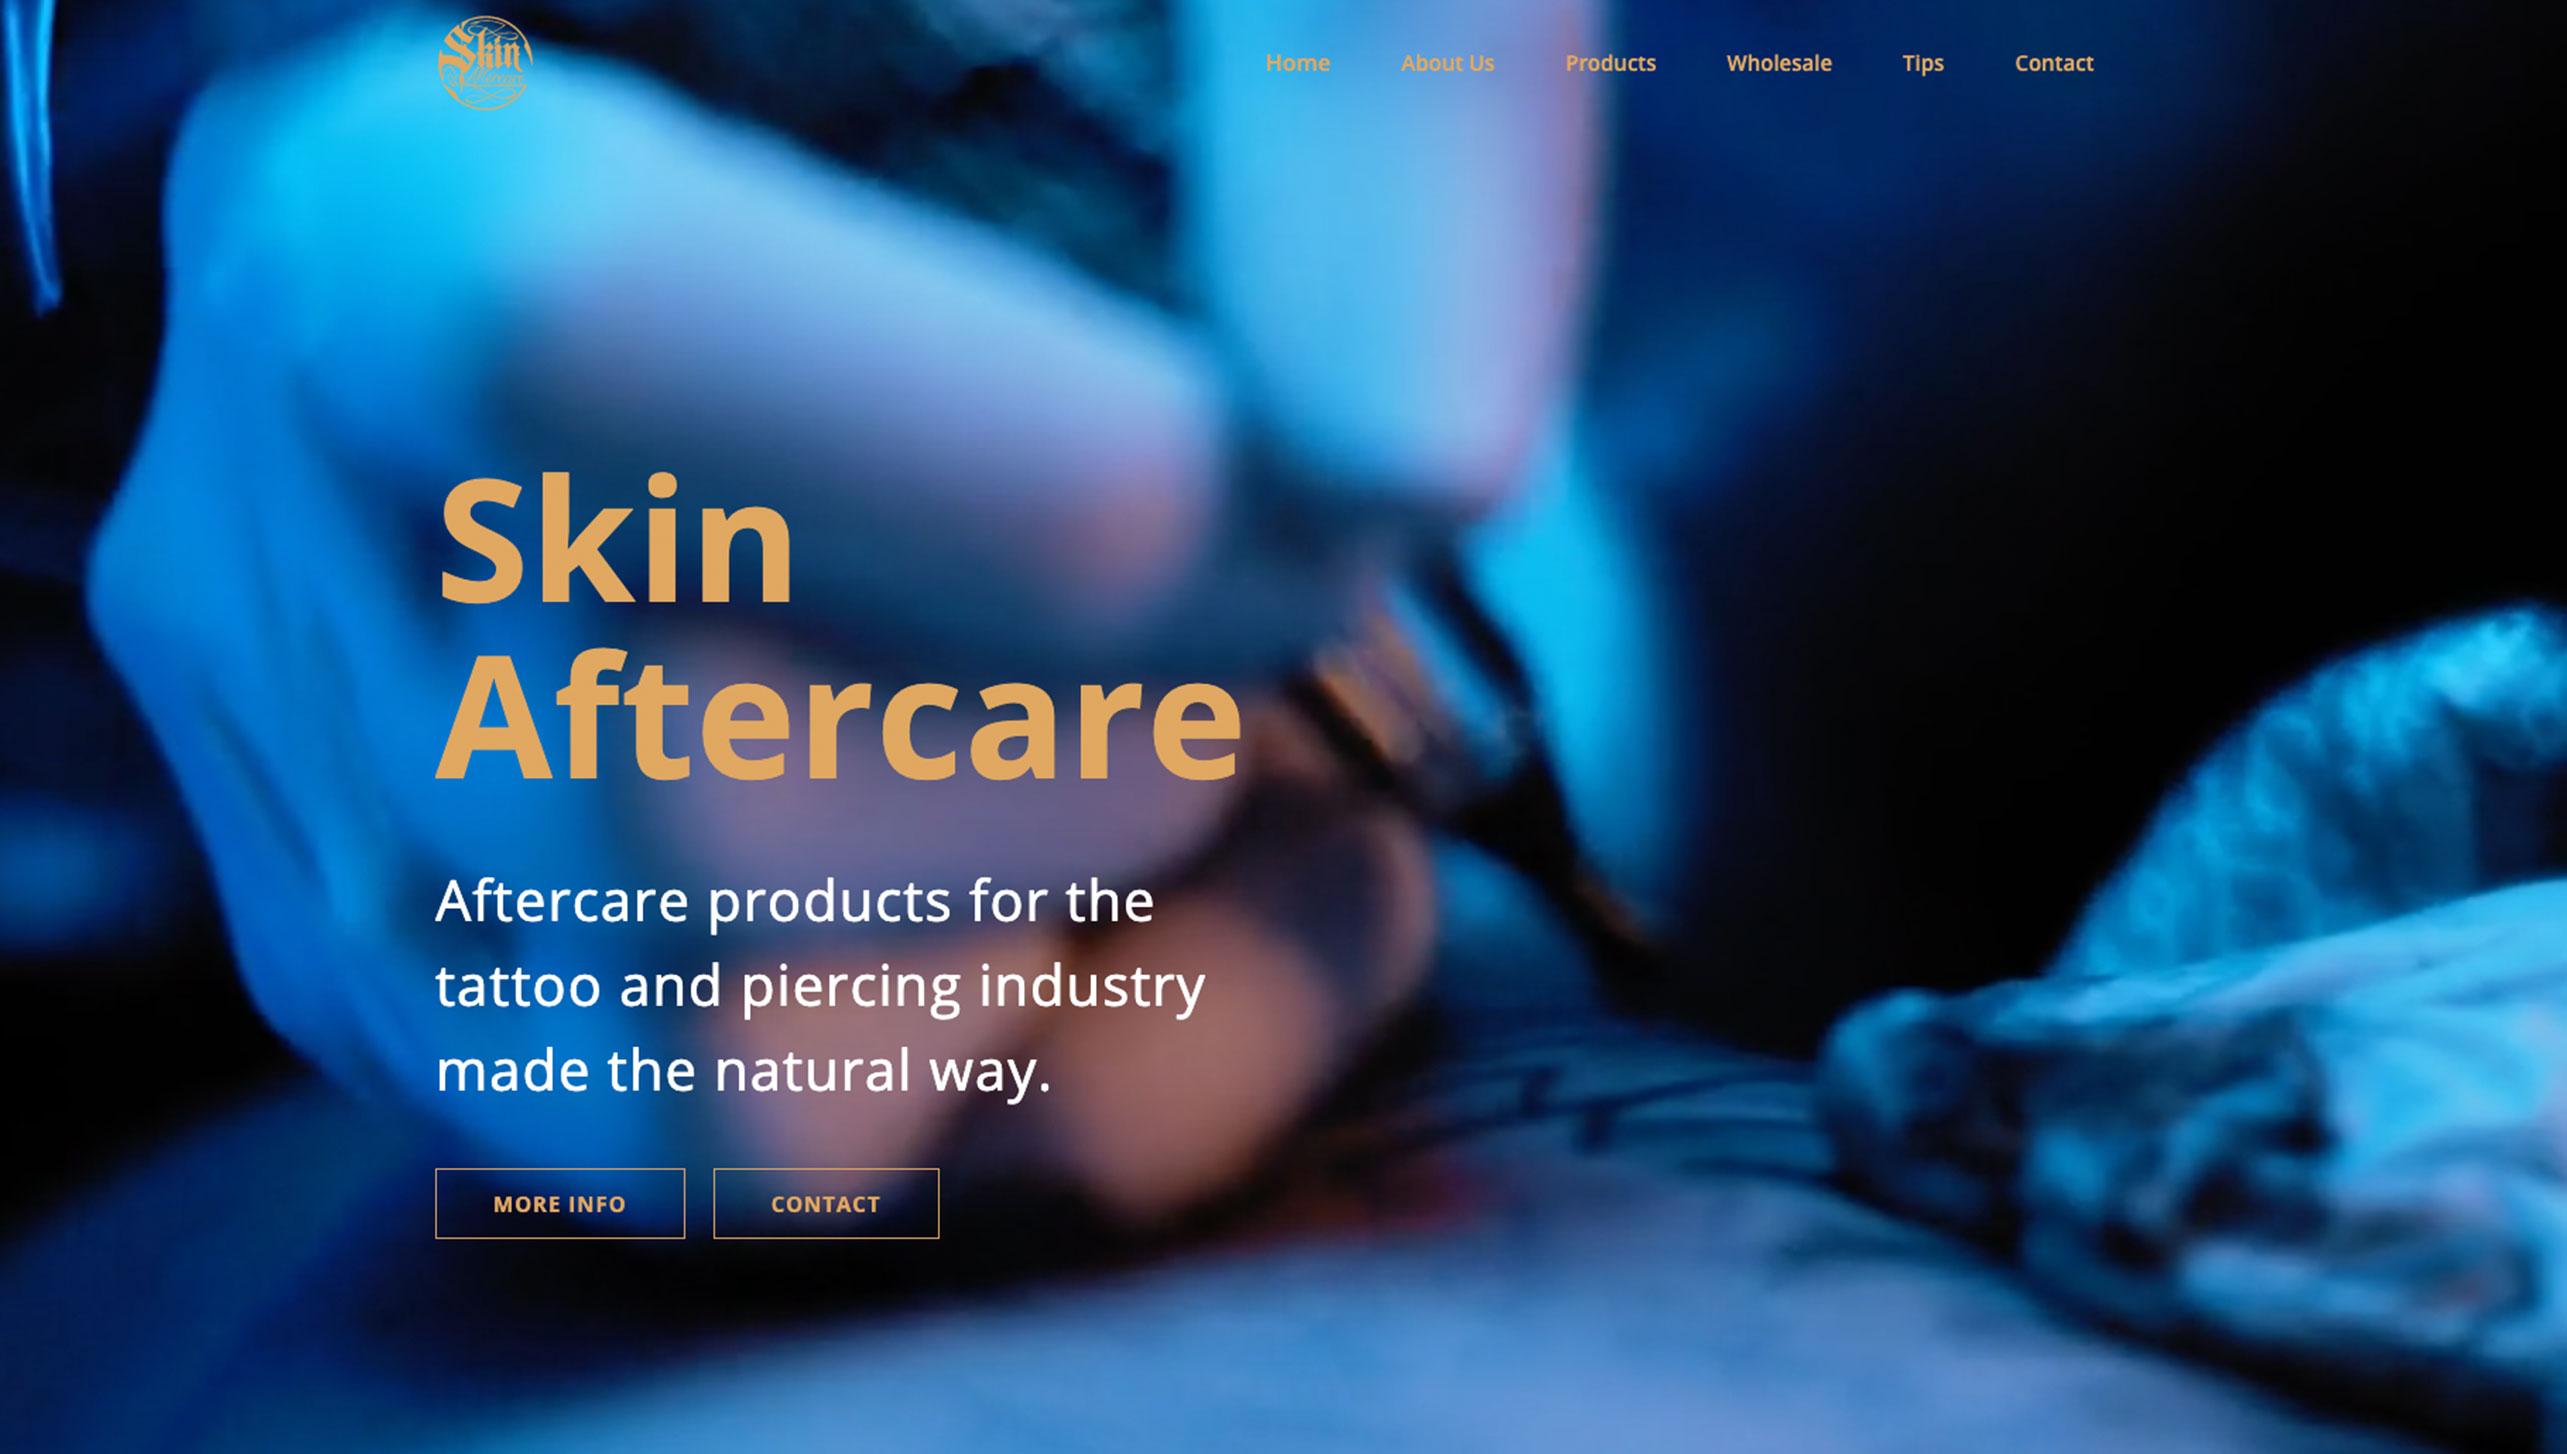 Skin Aftercare Website Image